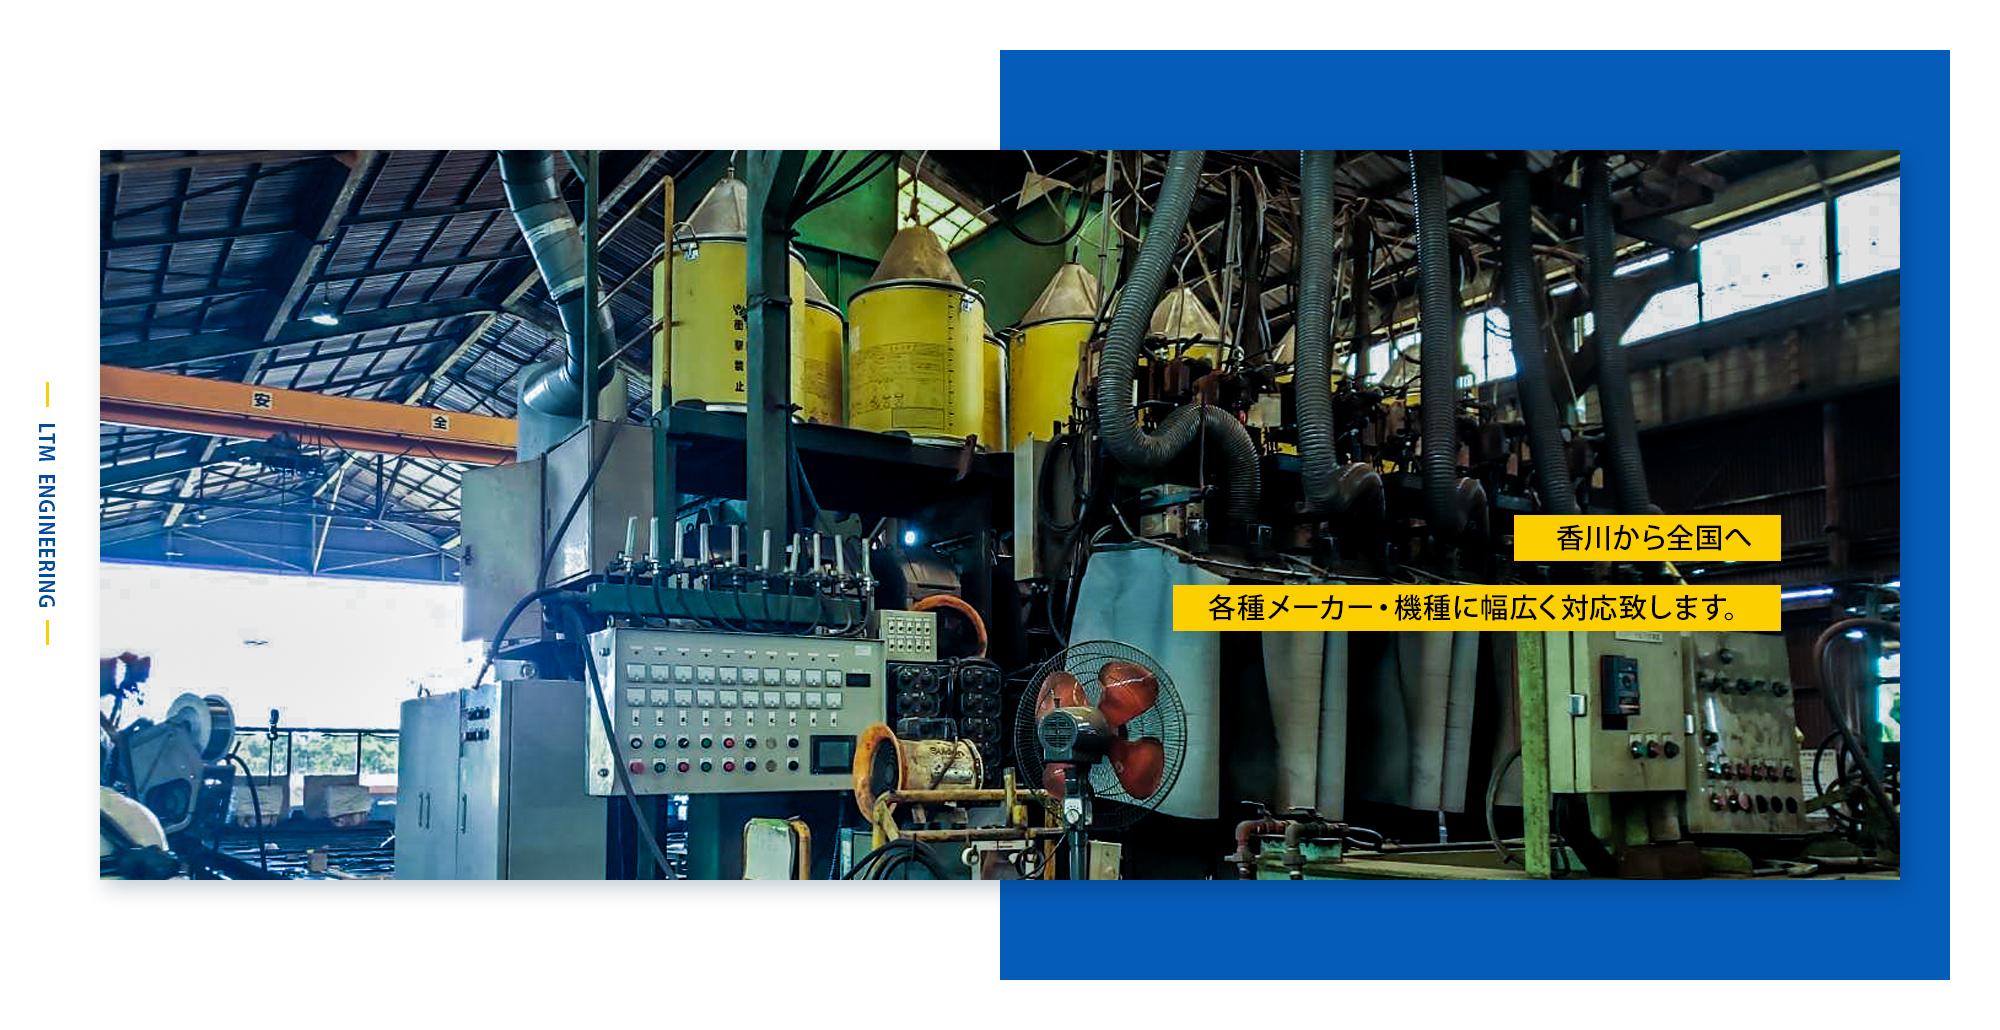 香川から全国へ 各種メーカー・機種に幅広く対応致します。